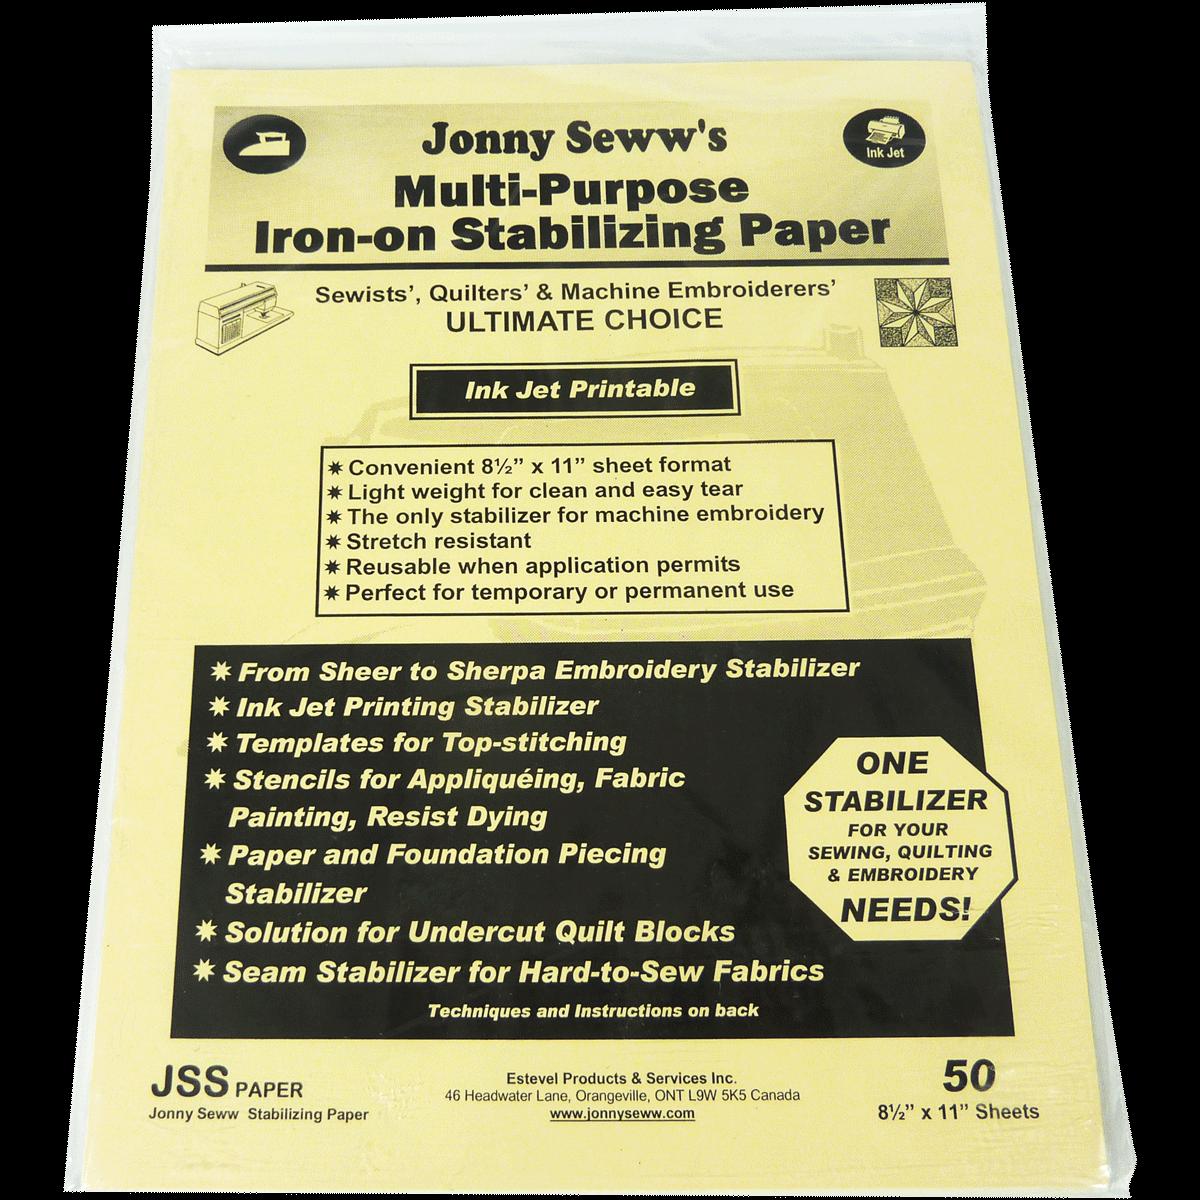 Jonny Seww Stabilizing Paper